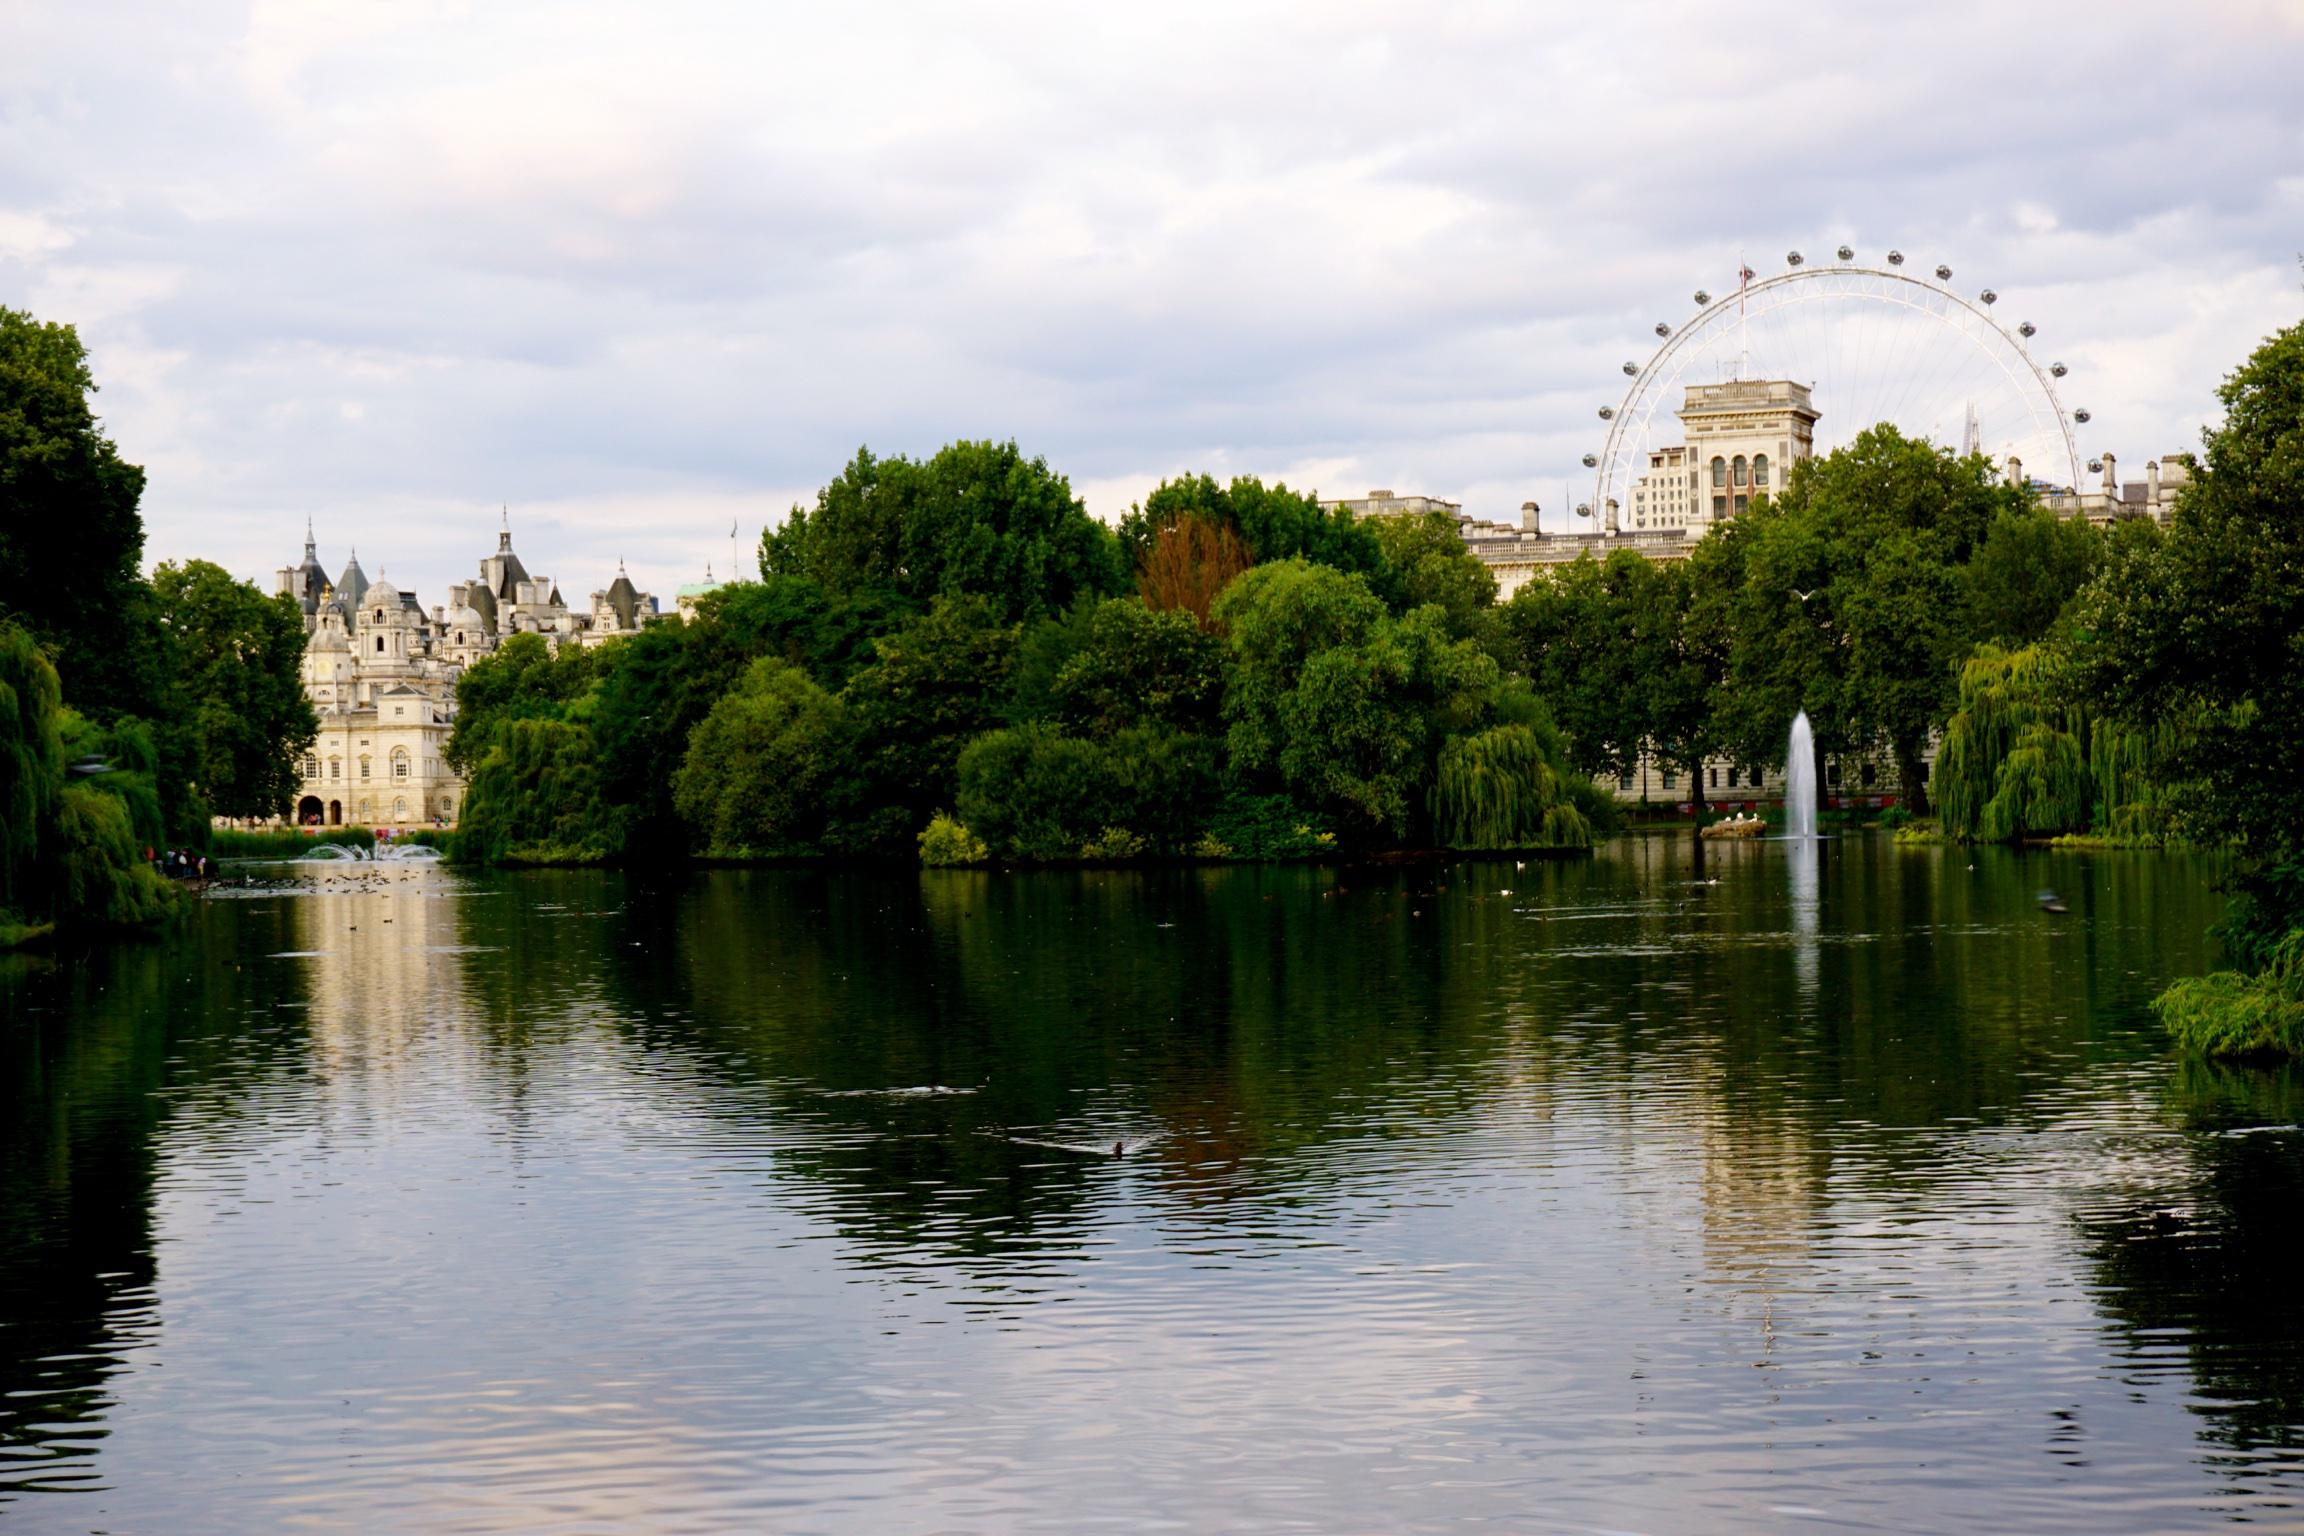 London Ü50 Reiseblog Reiseblog Travelblog BeFifty Blog für Frauen über 50 Reisetipps Blog für Frauen über 40 London England Tipps